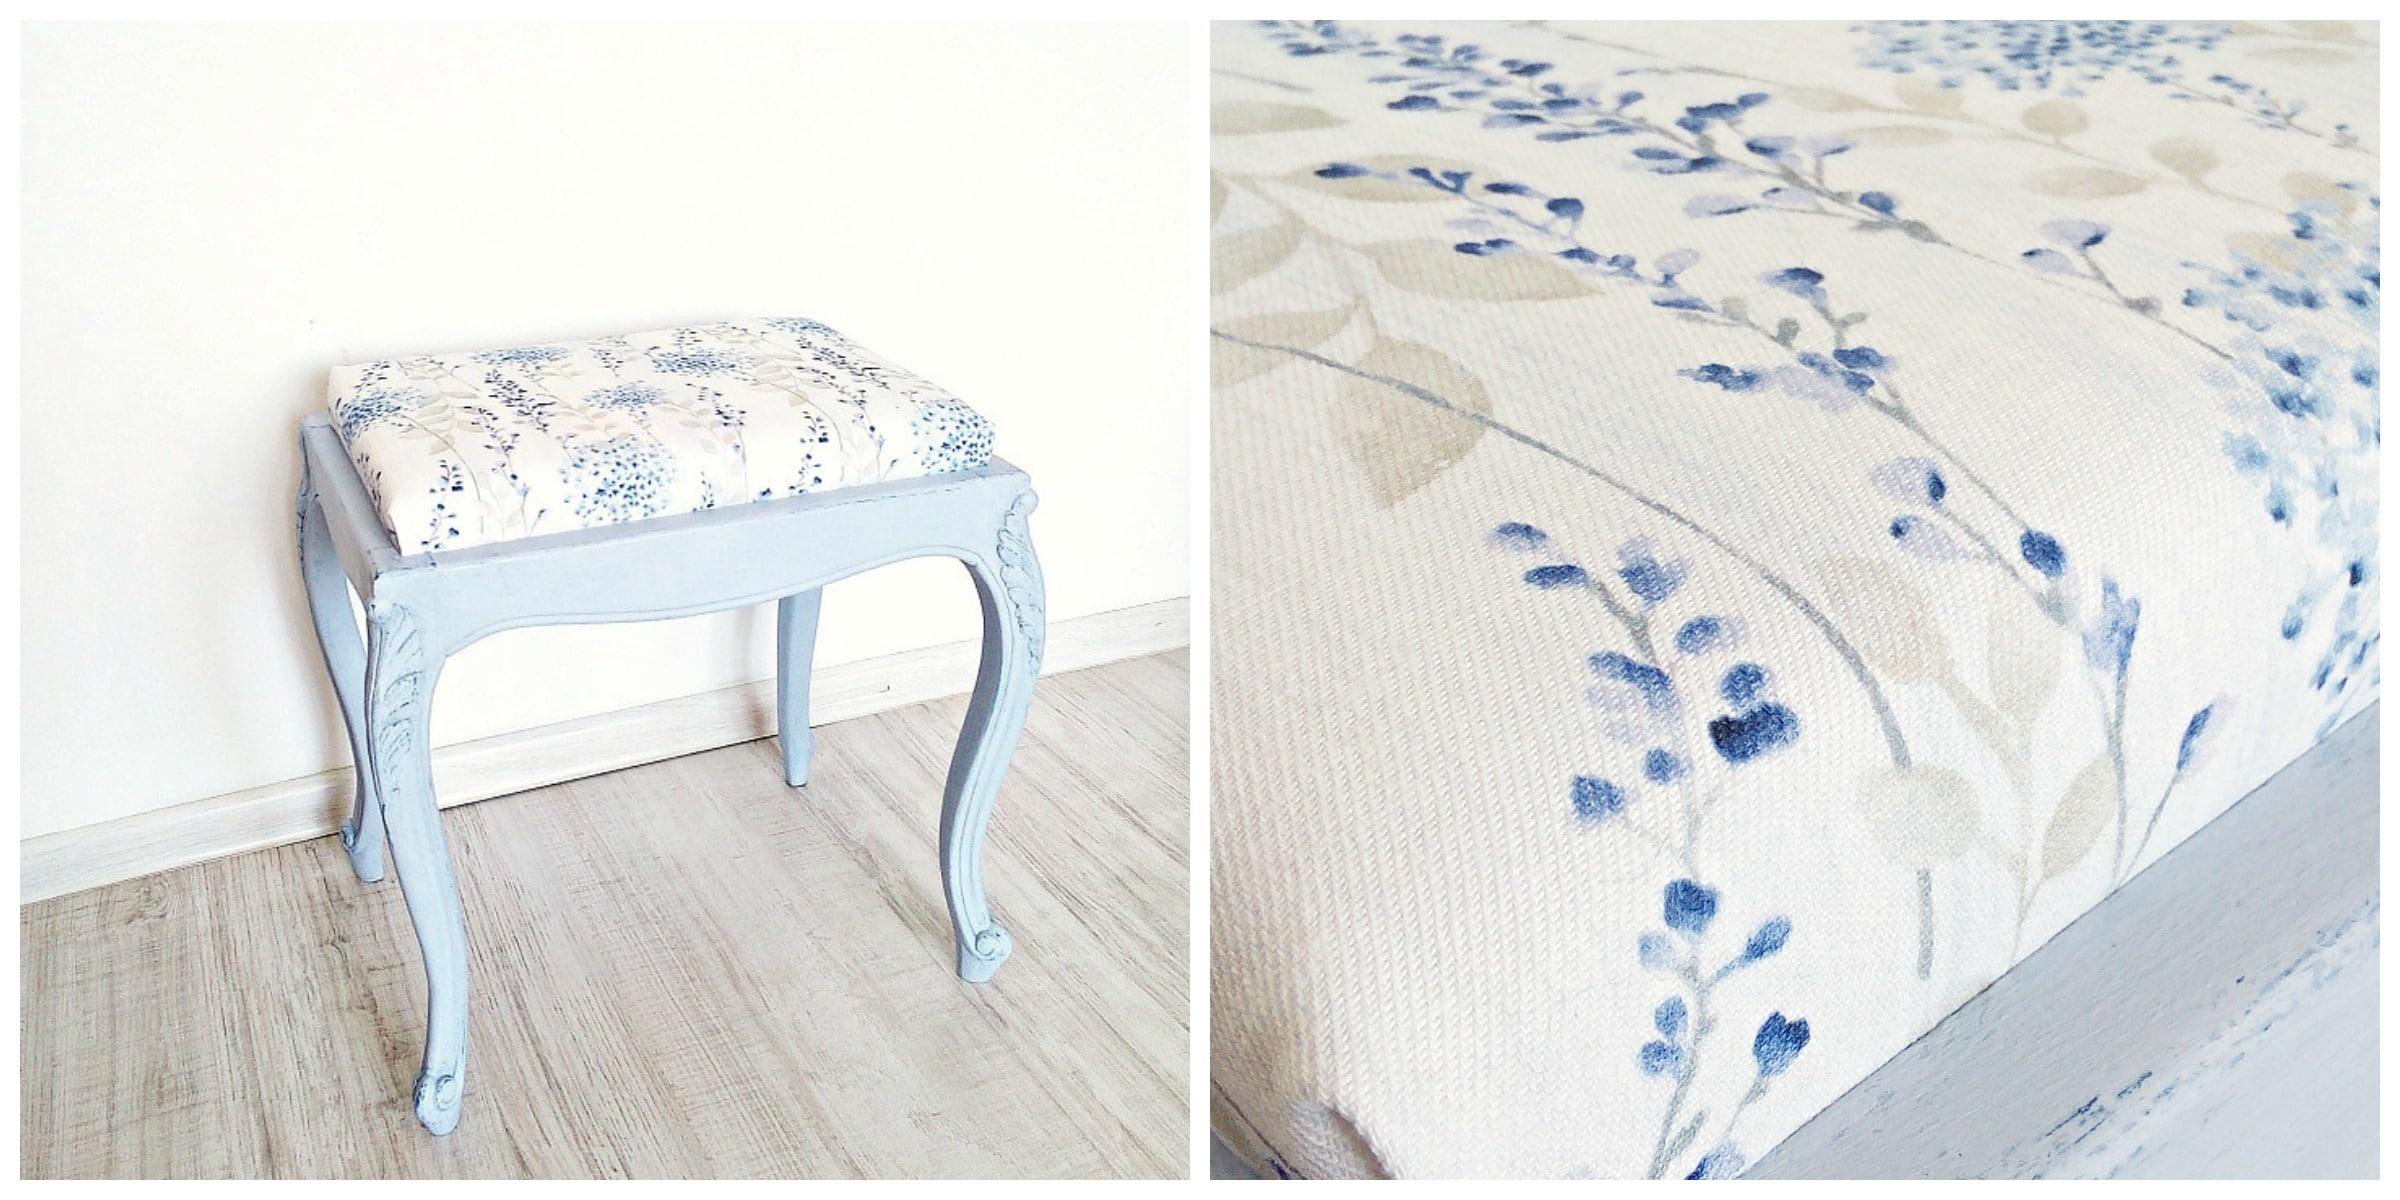 błękitna pufka malowana farbami kredowymi